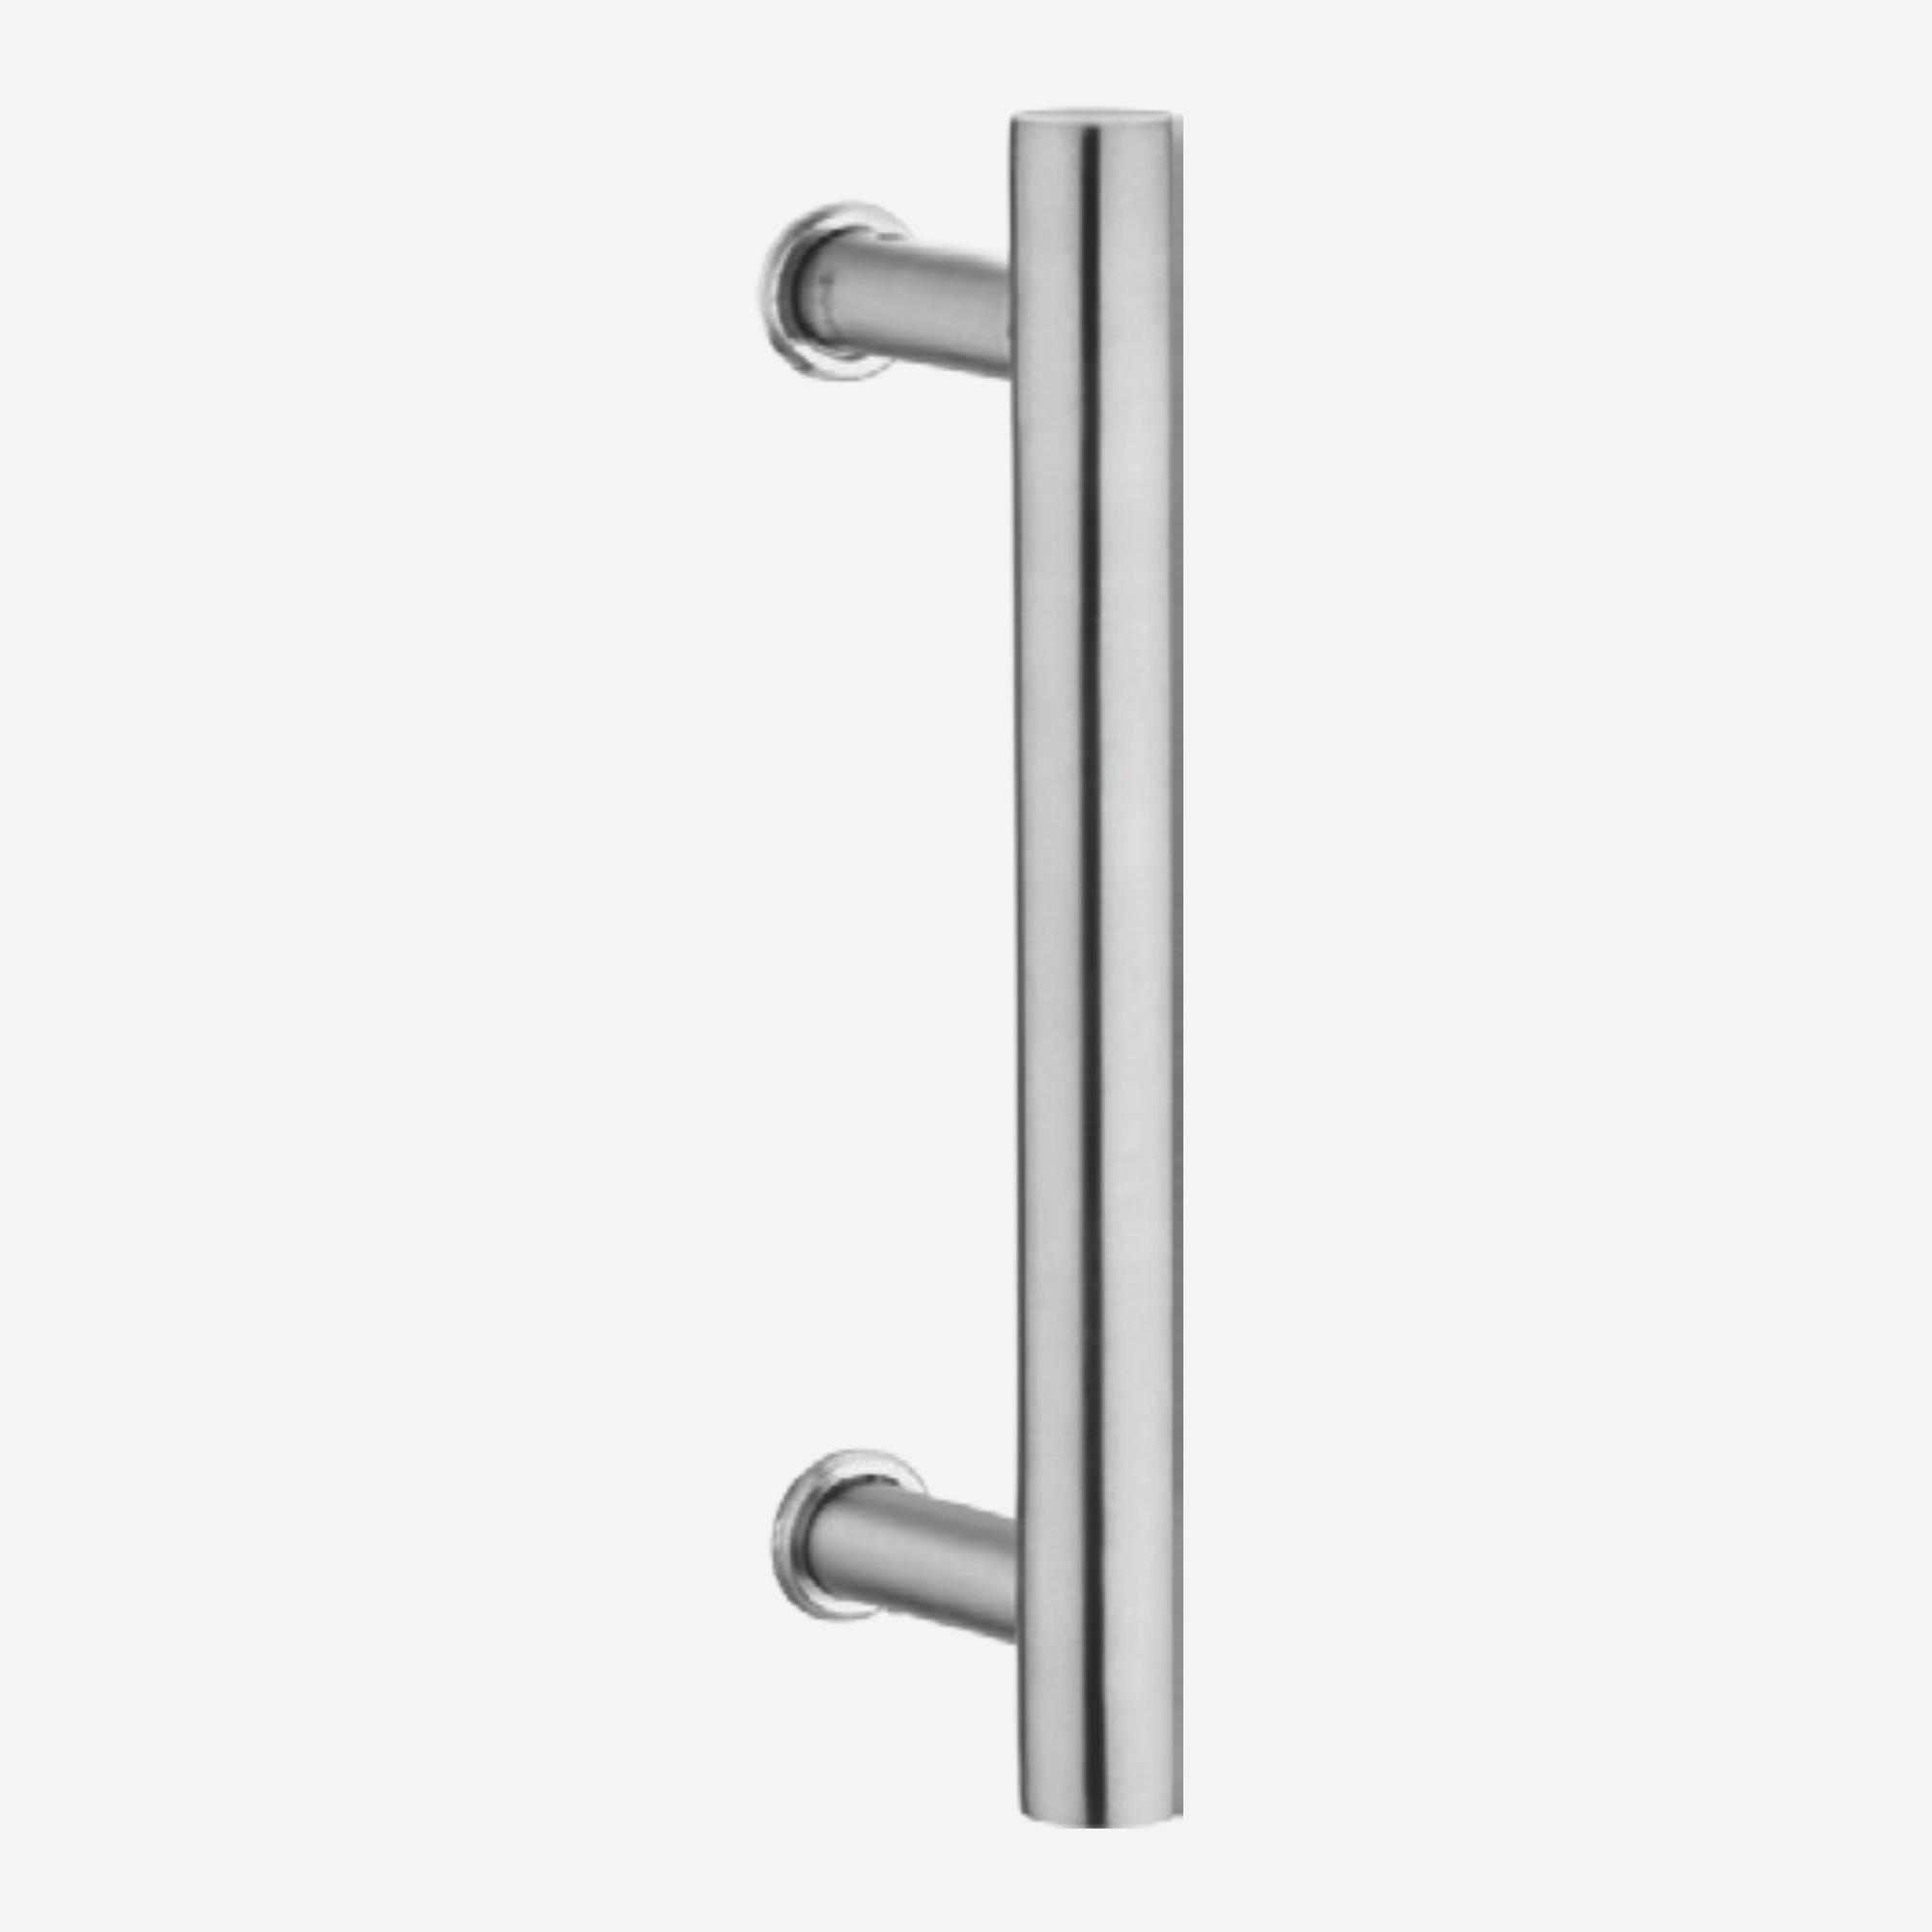 Dorset PULL HANDLE FOR GLASS DOOR 24inch - SH 24 P SS